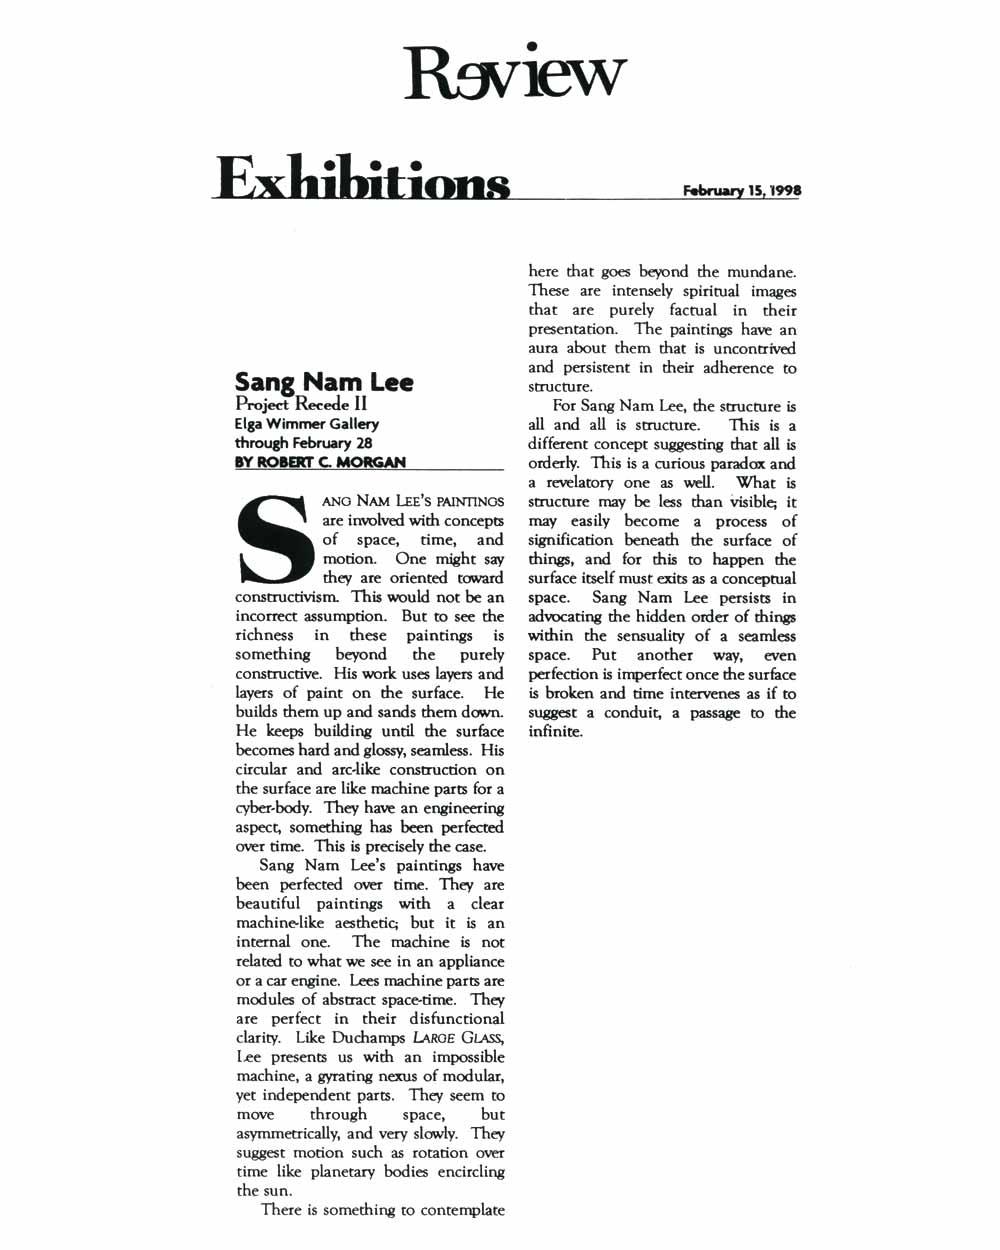 Sang Nam Lee: Project Recede II, article